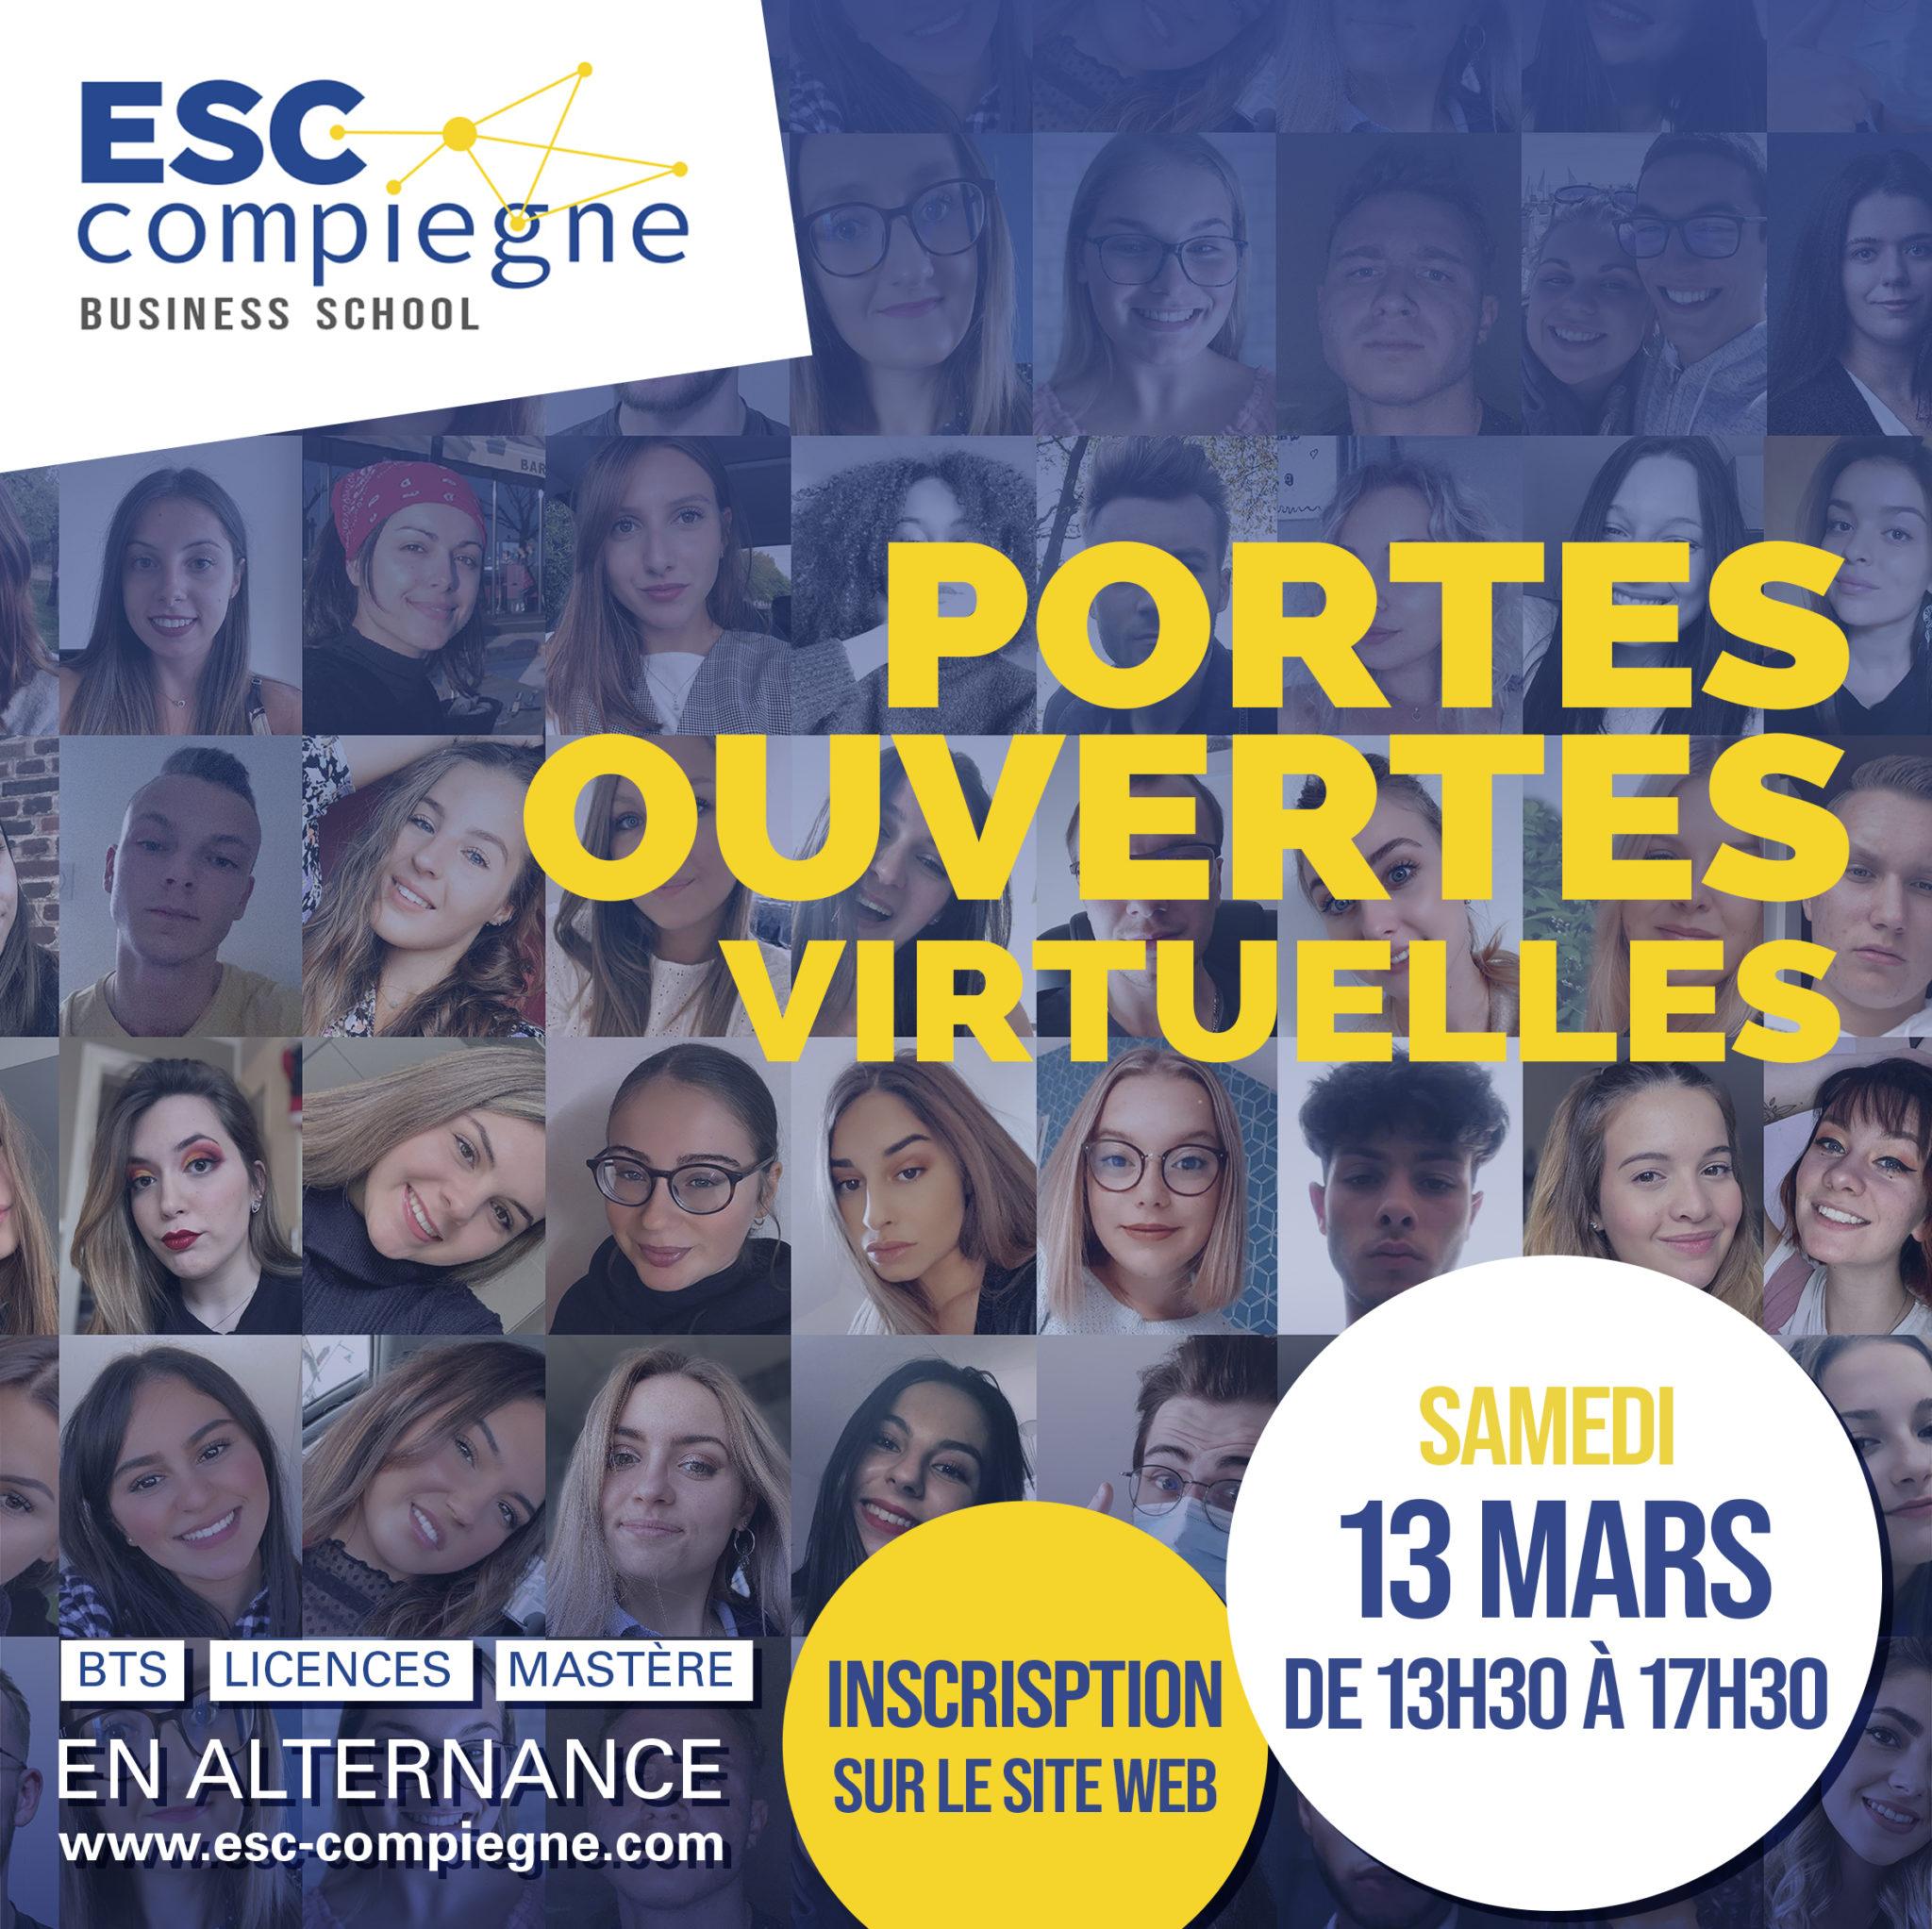 ESCC-JPO-2021-Insta-mars